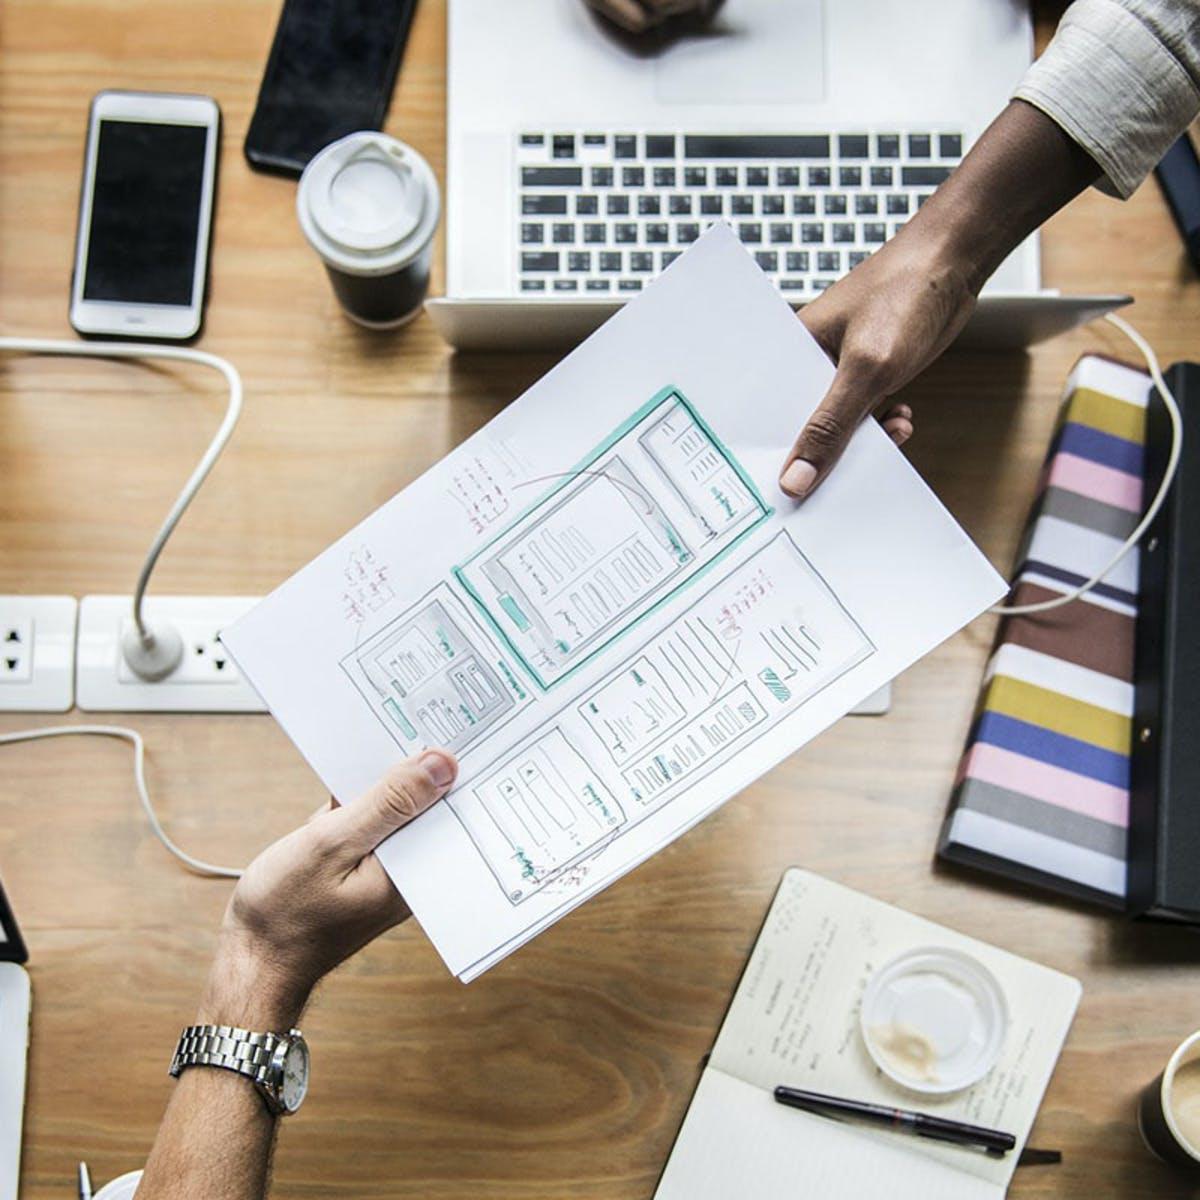 Modelos de diseño instruccional para ambientes digitales